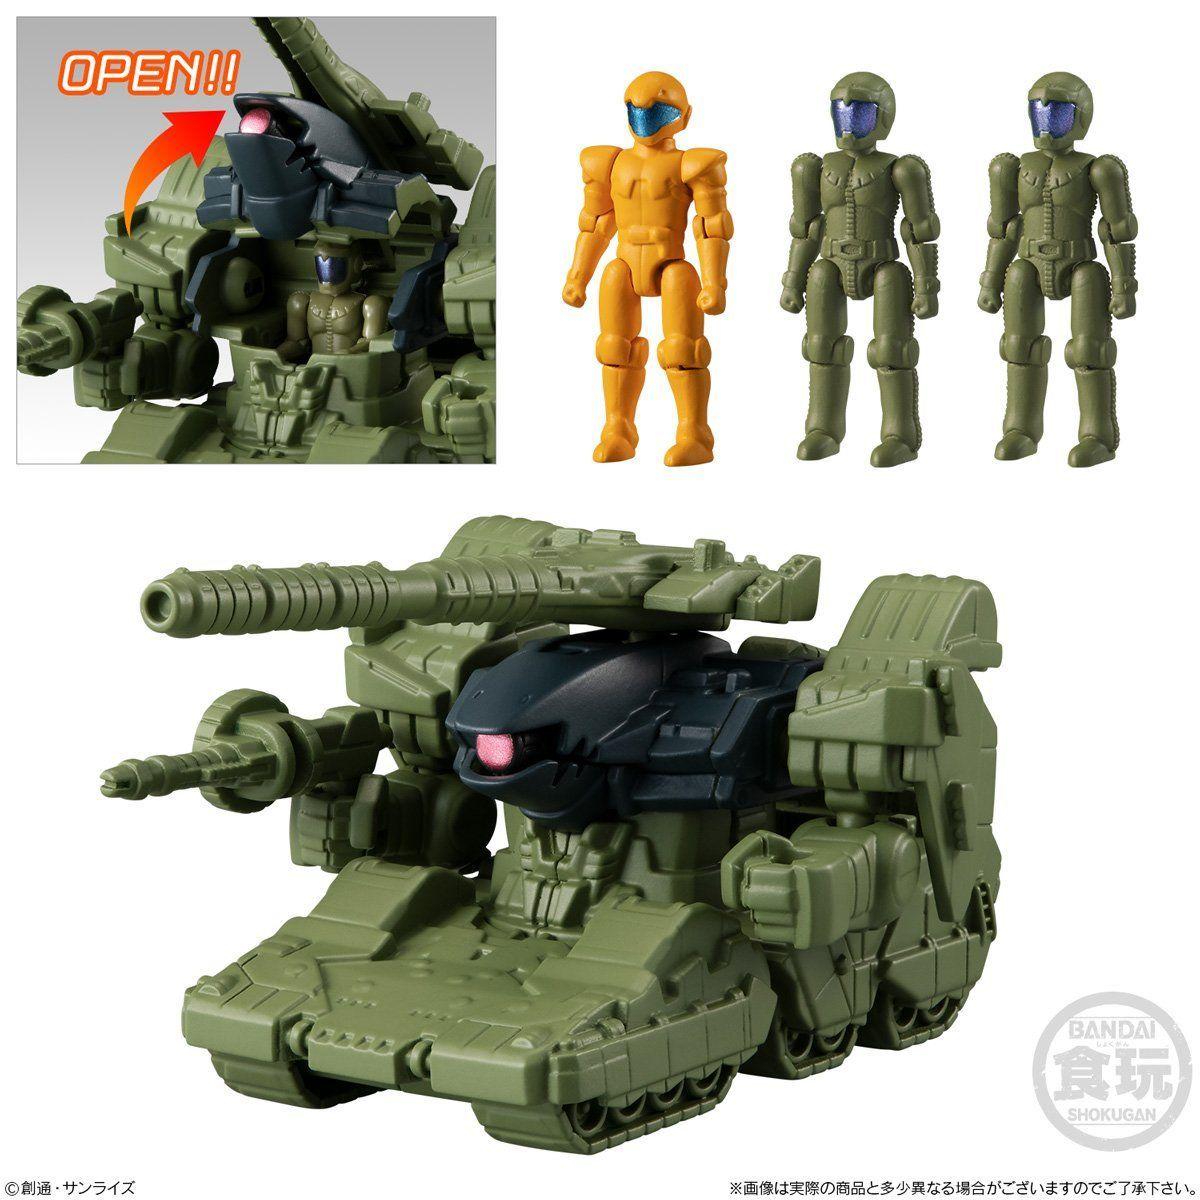 【食玩】機動戦士ガンダム『マイクロウォーズ4』10個入りBOX-006